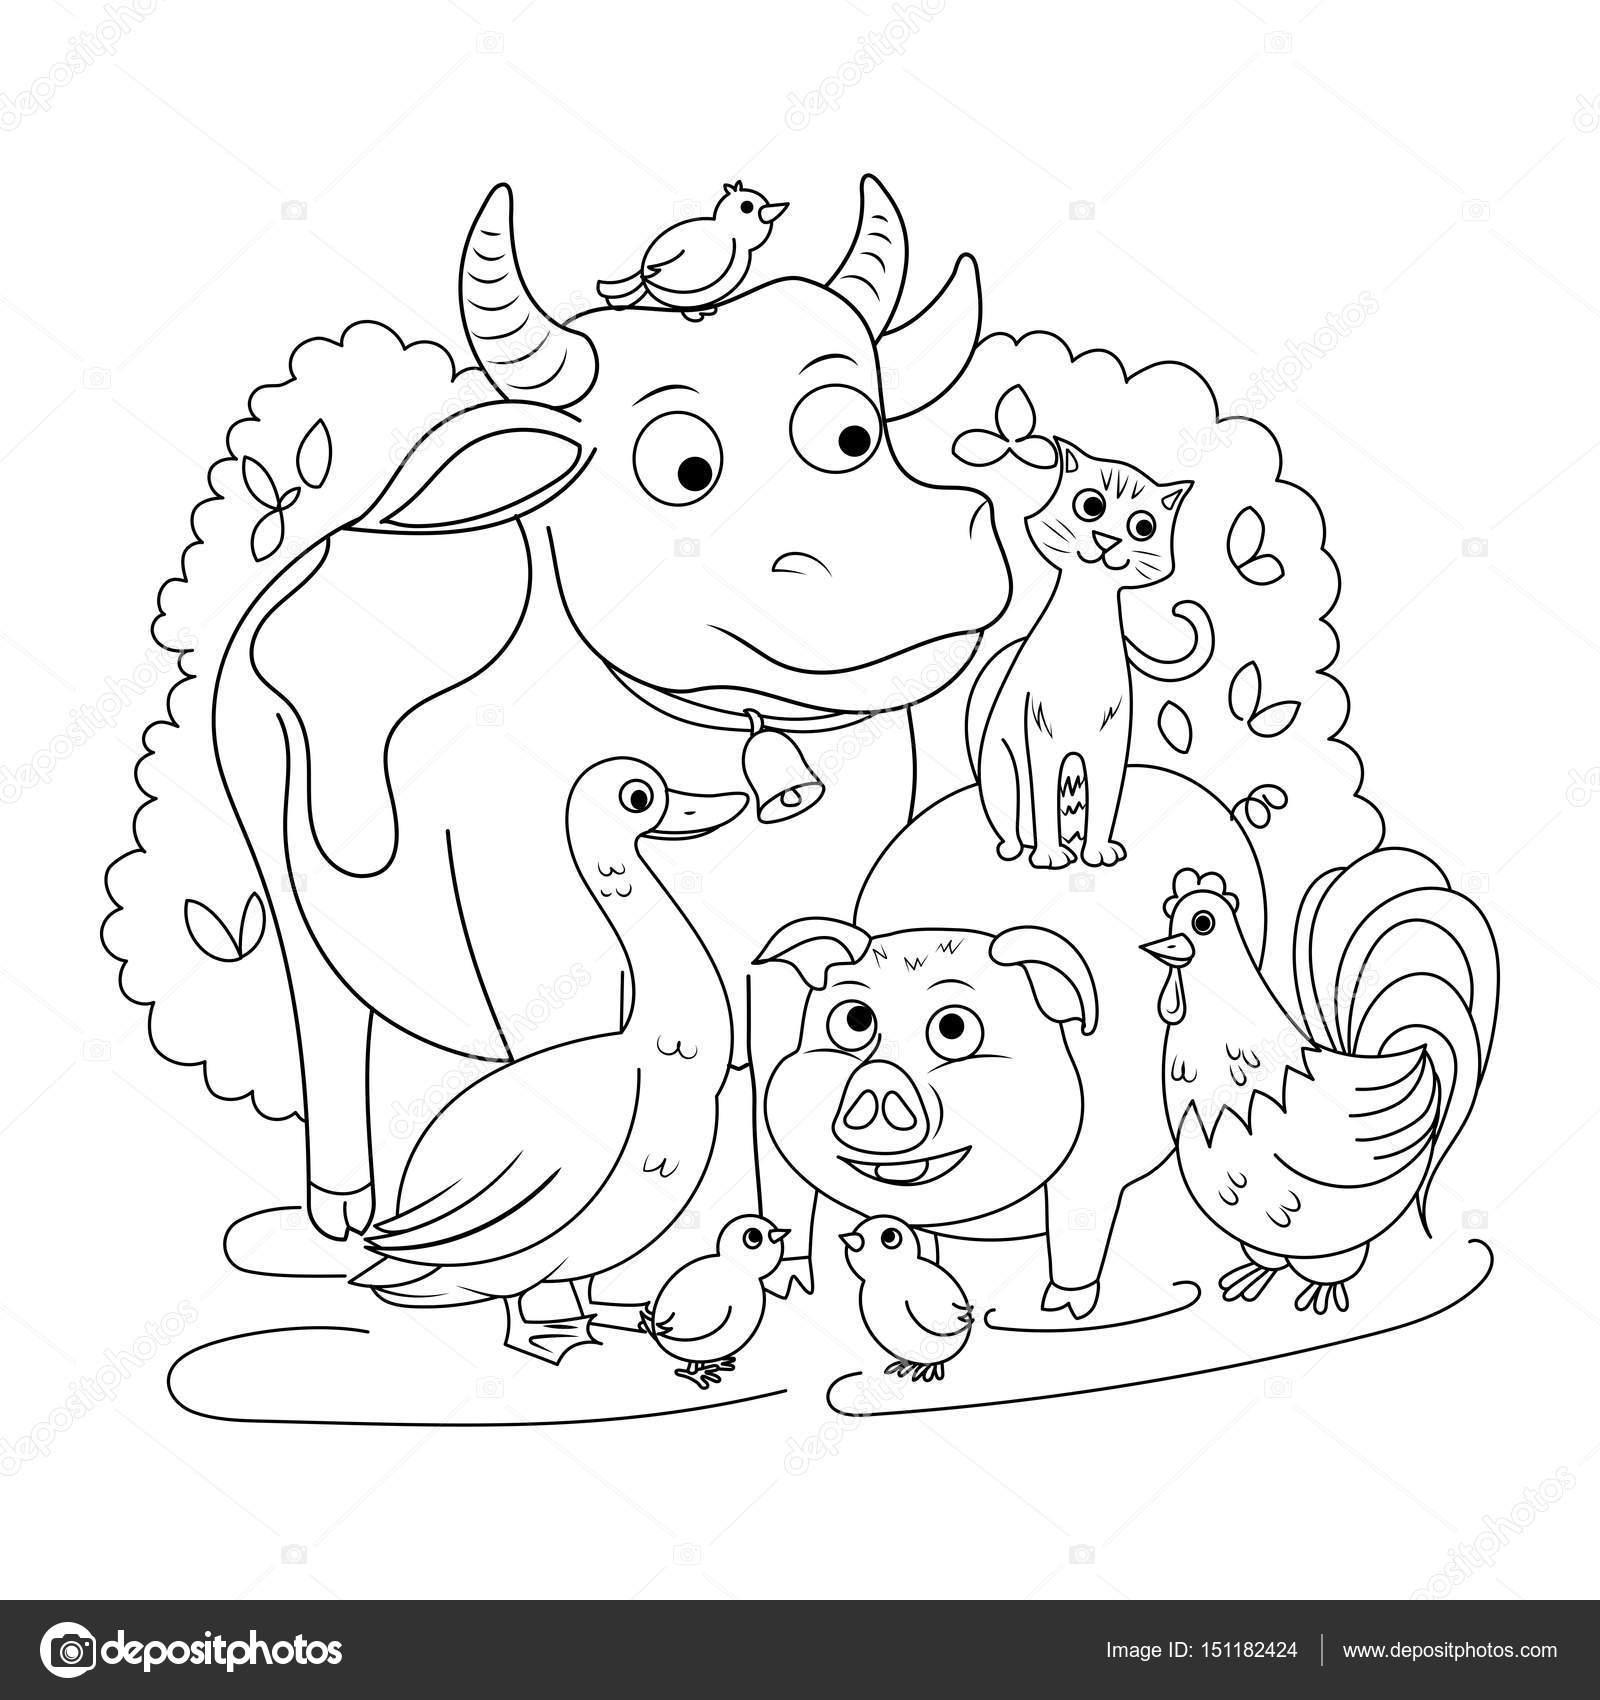 boerderijdieren kleurplaten boek voor kinderen vector